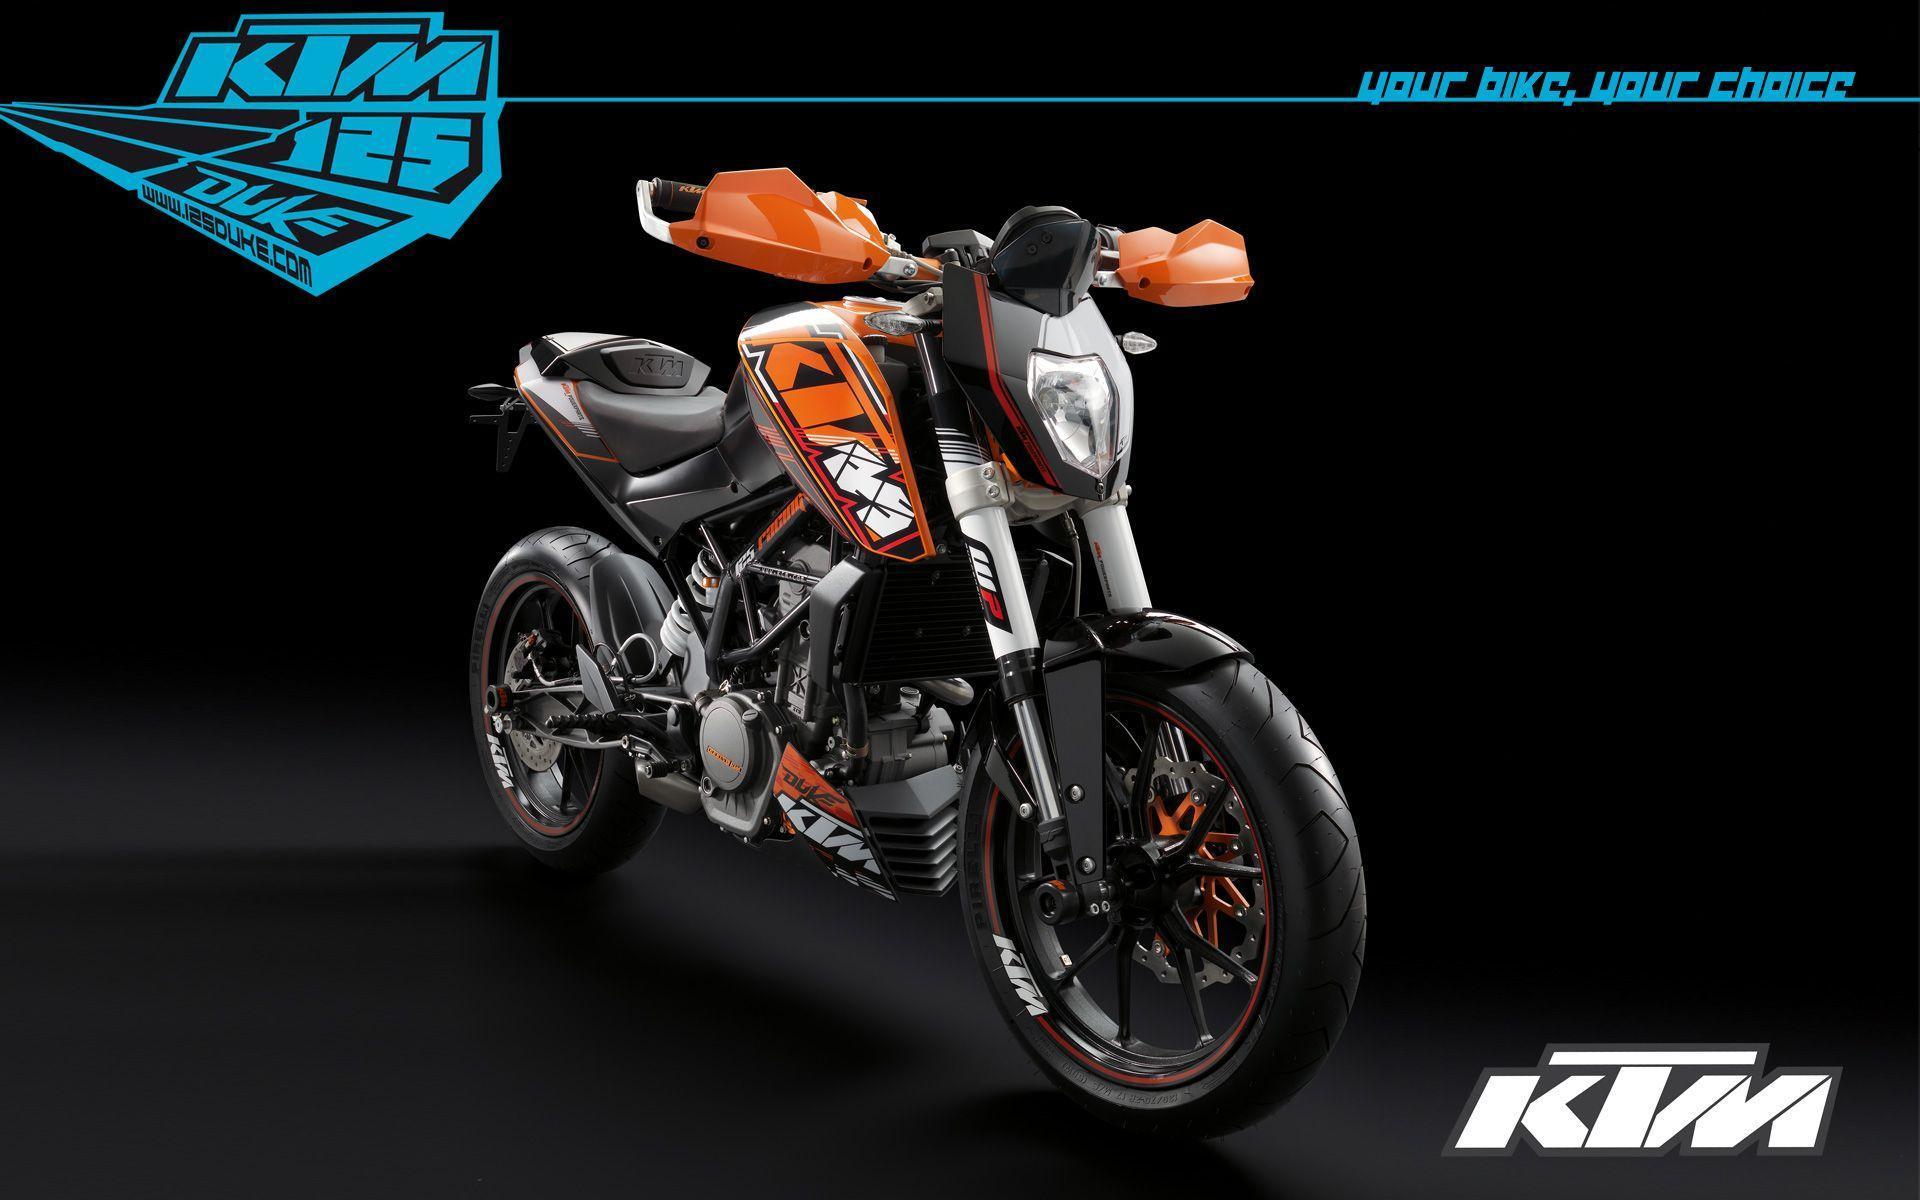 Ktm Motorcycles Vehicle Bike Motorcycle Ktm Dirt Bike Dirtbike HD ...